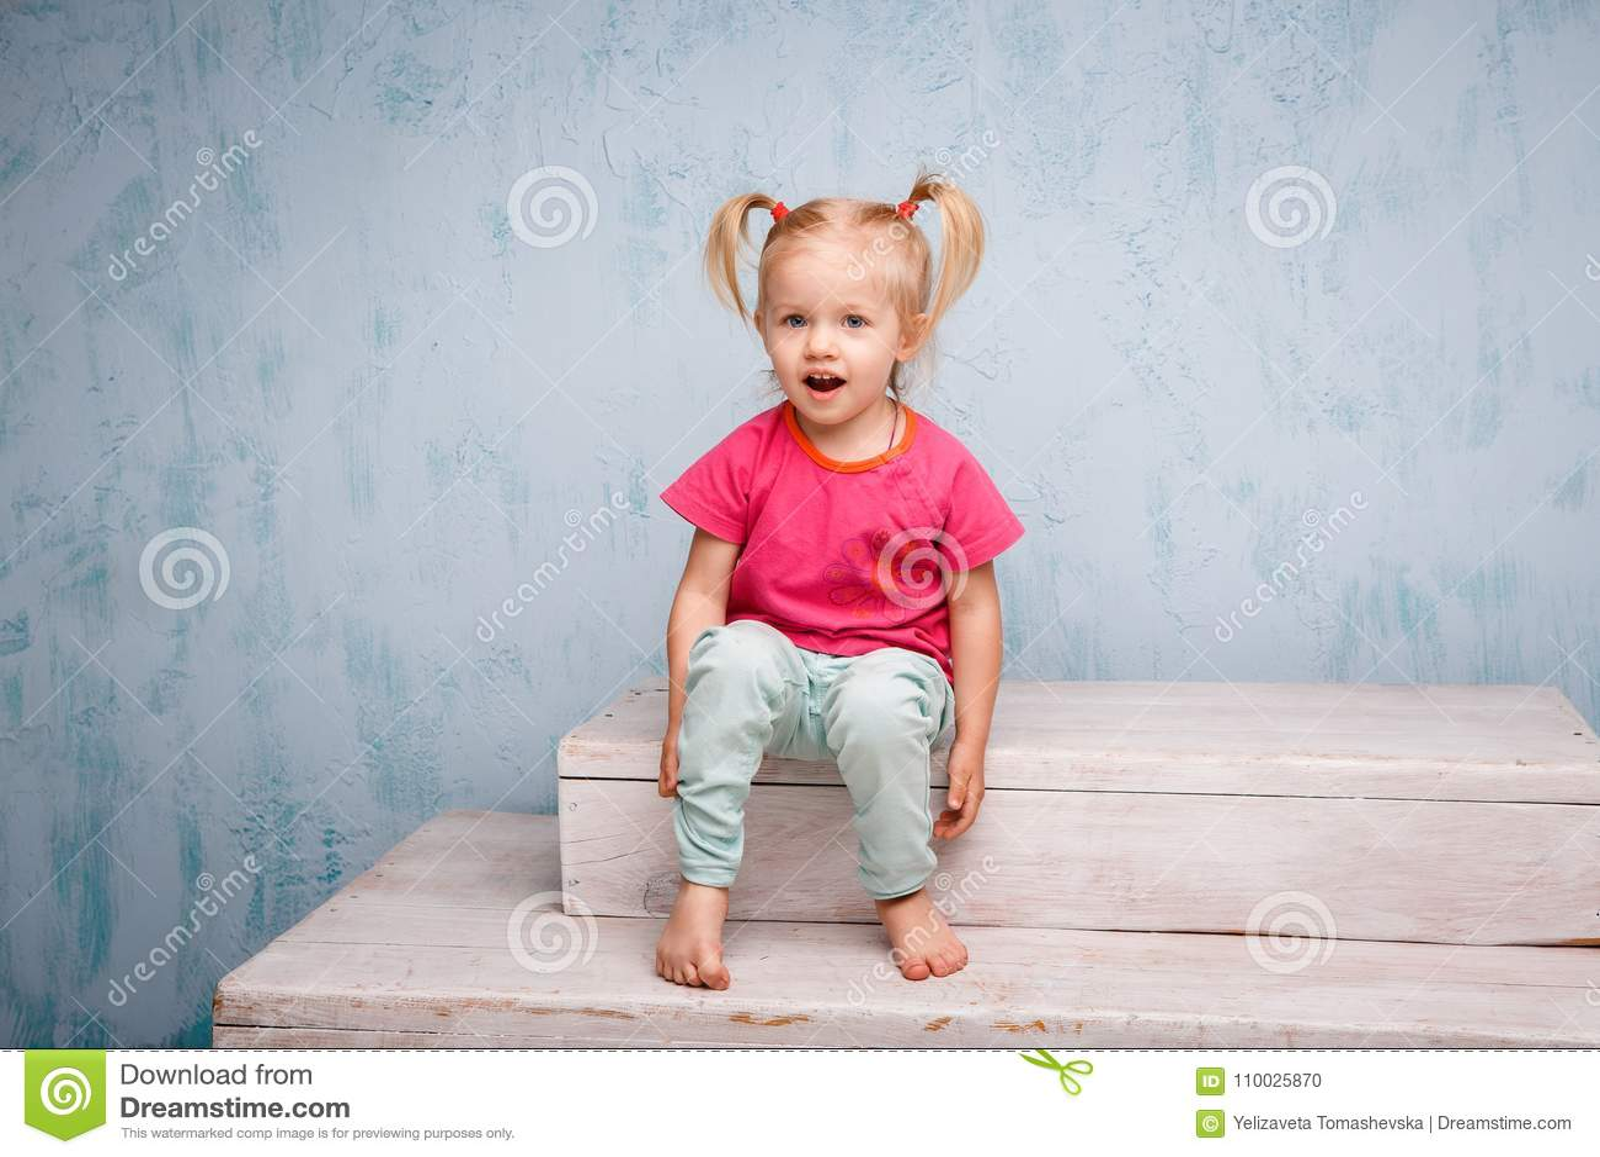 Weinig grappig blauw-eyed blonde van het meisjeskind met een kapsel twee paardestaarten op haar hoofdzitting op een roddel op de